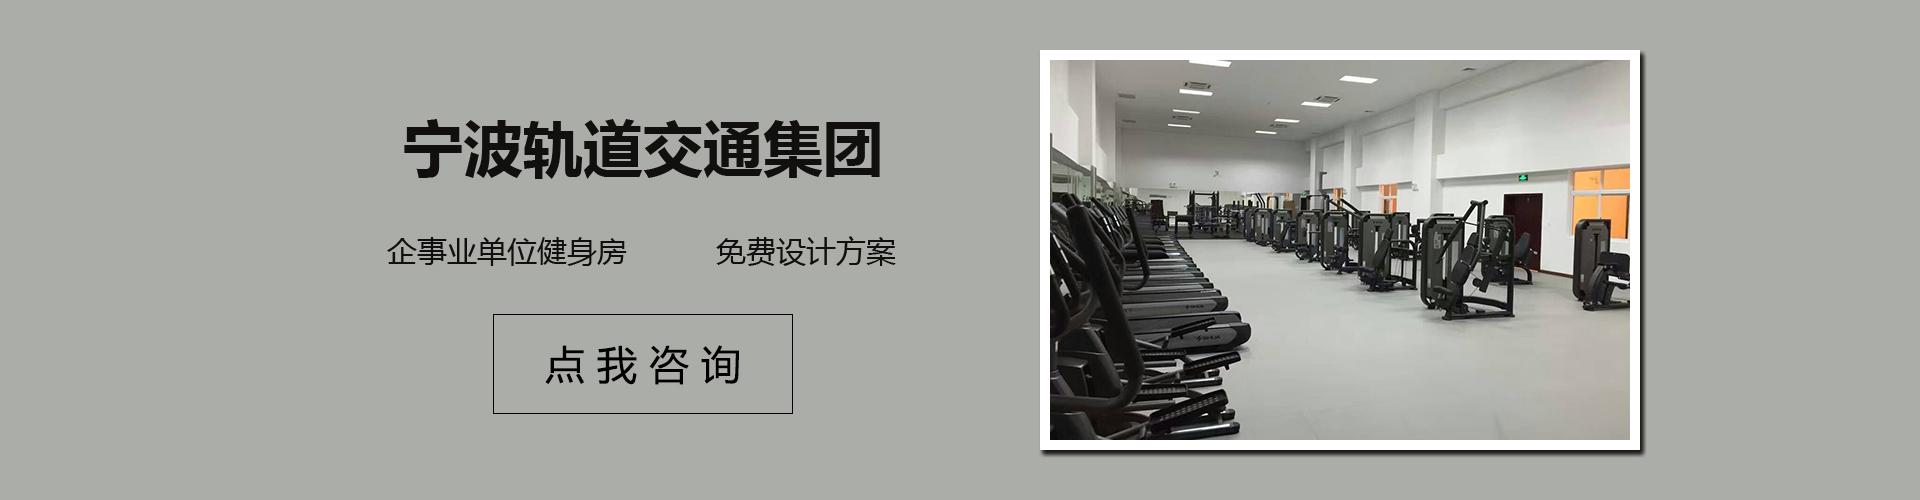 企事业单位健身房工程案例